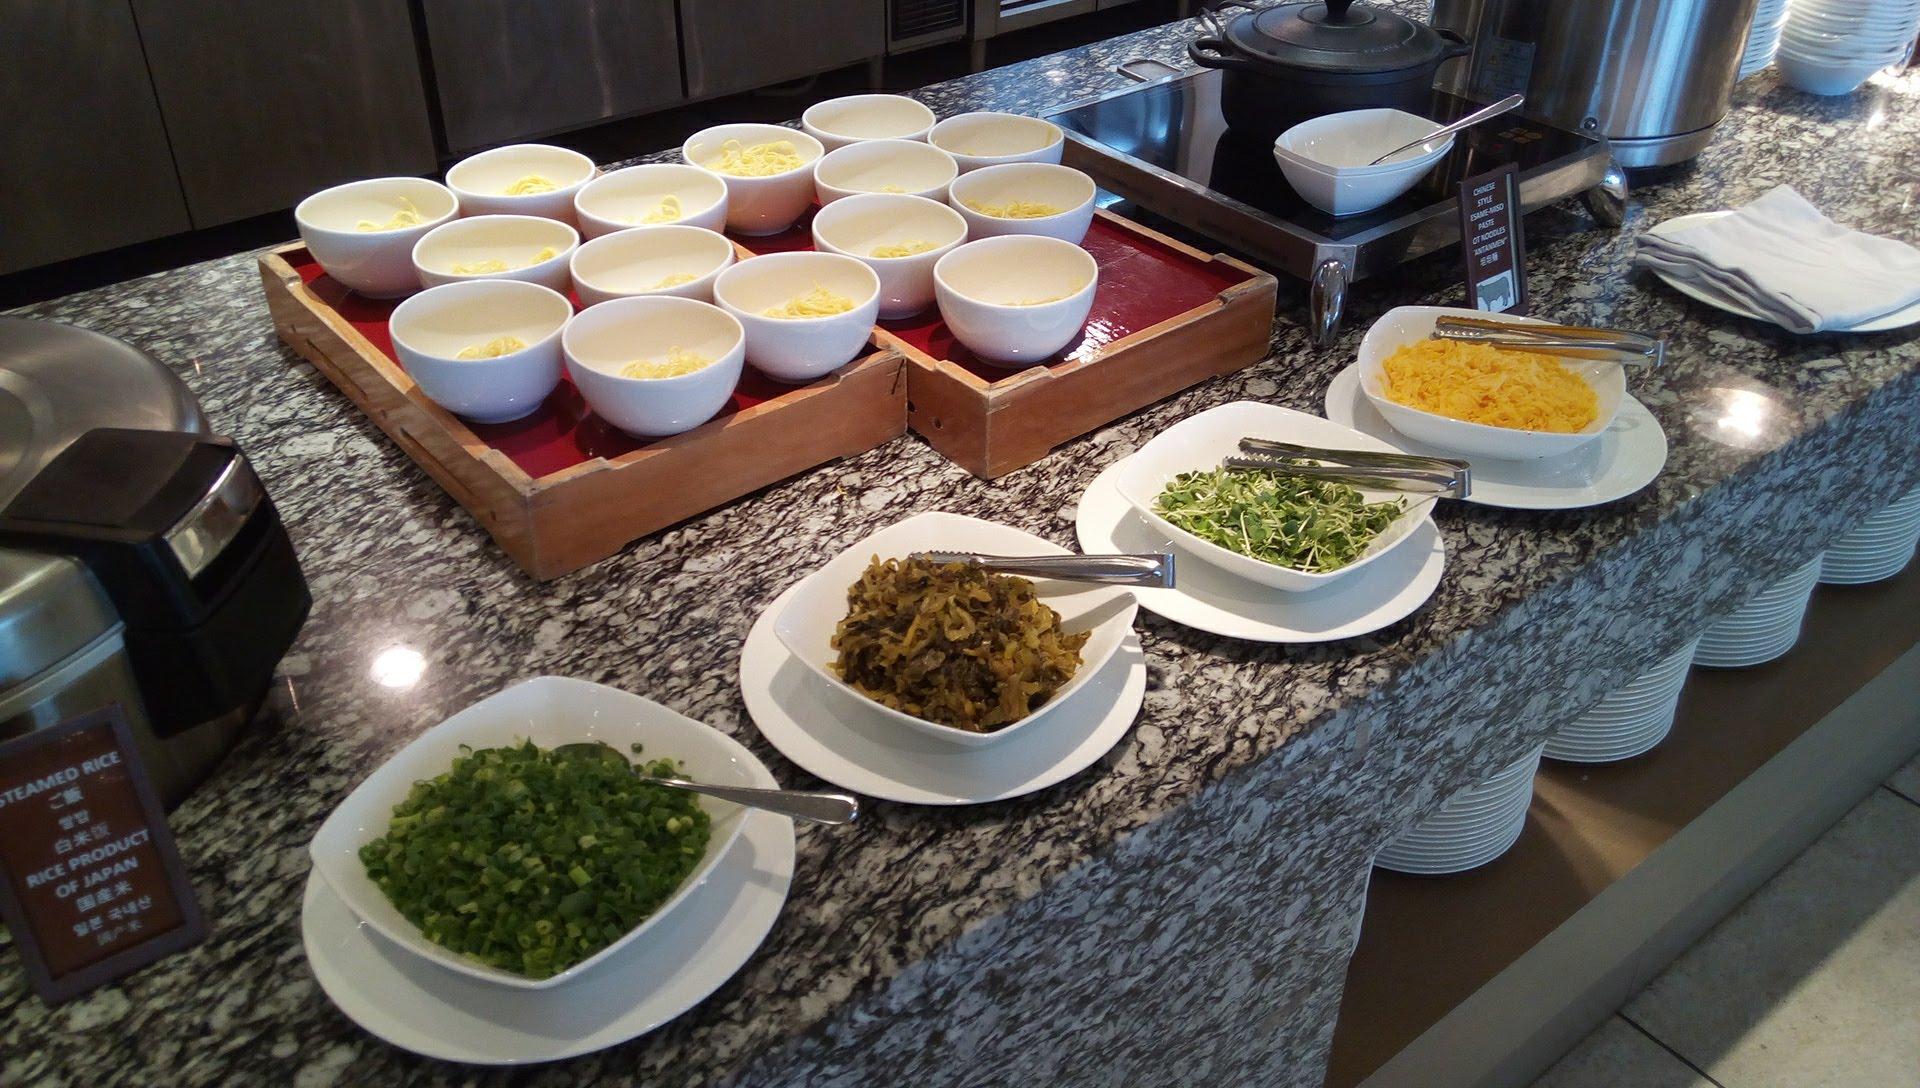 SURIYUNでの食べ放題の料理4